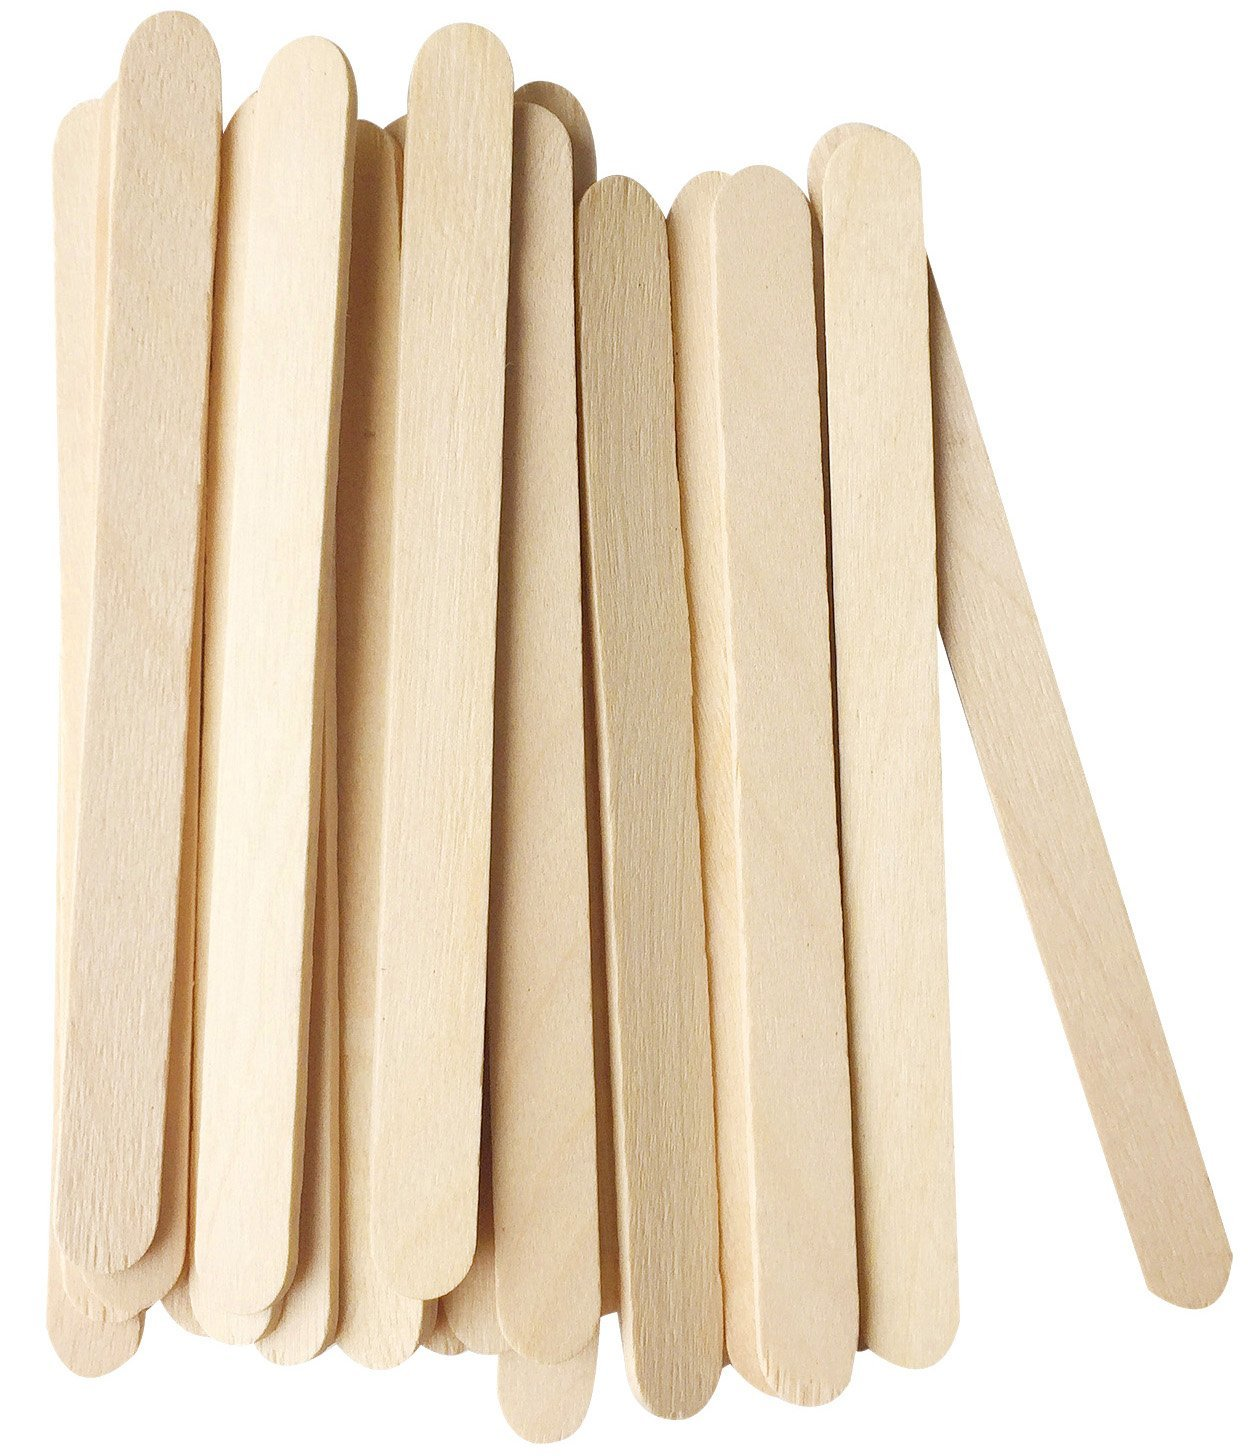 Cheap Cookie Pop Sticks Find Cookie Pop Sticks Deals On Line At